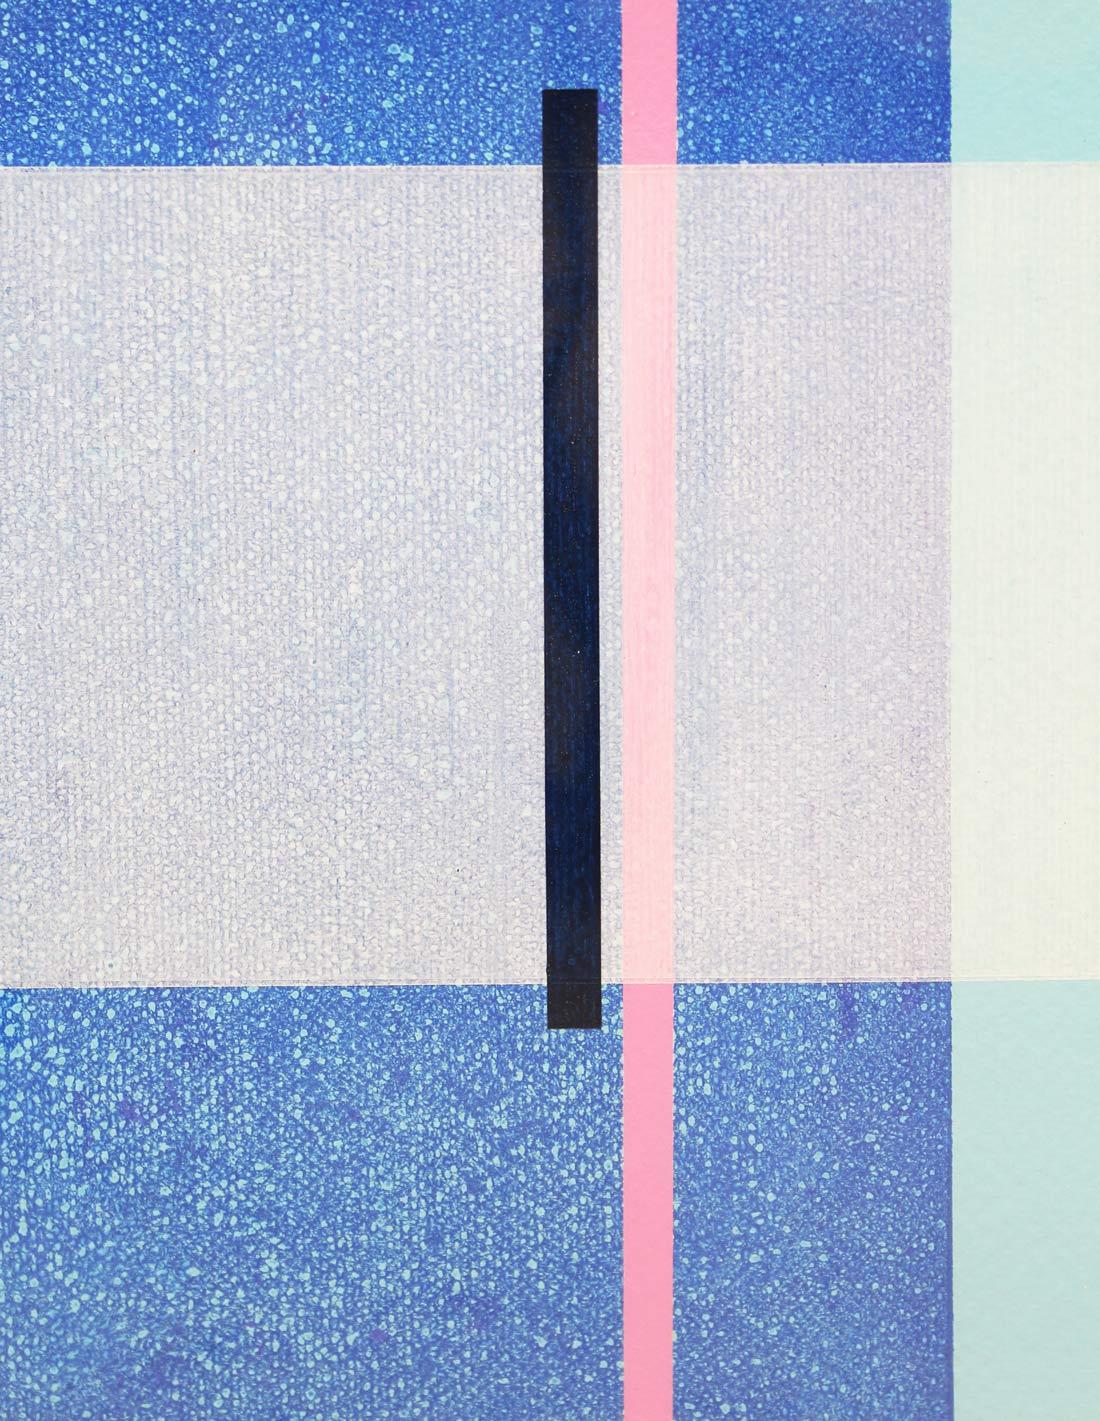 Sans-Titre-(fond-turquoise,-rectangle-bleu-et-blanc,-barre-rose)-close-up